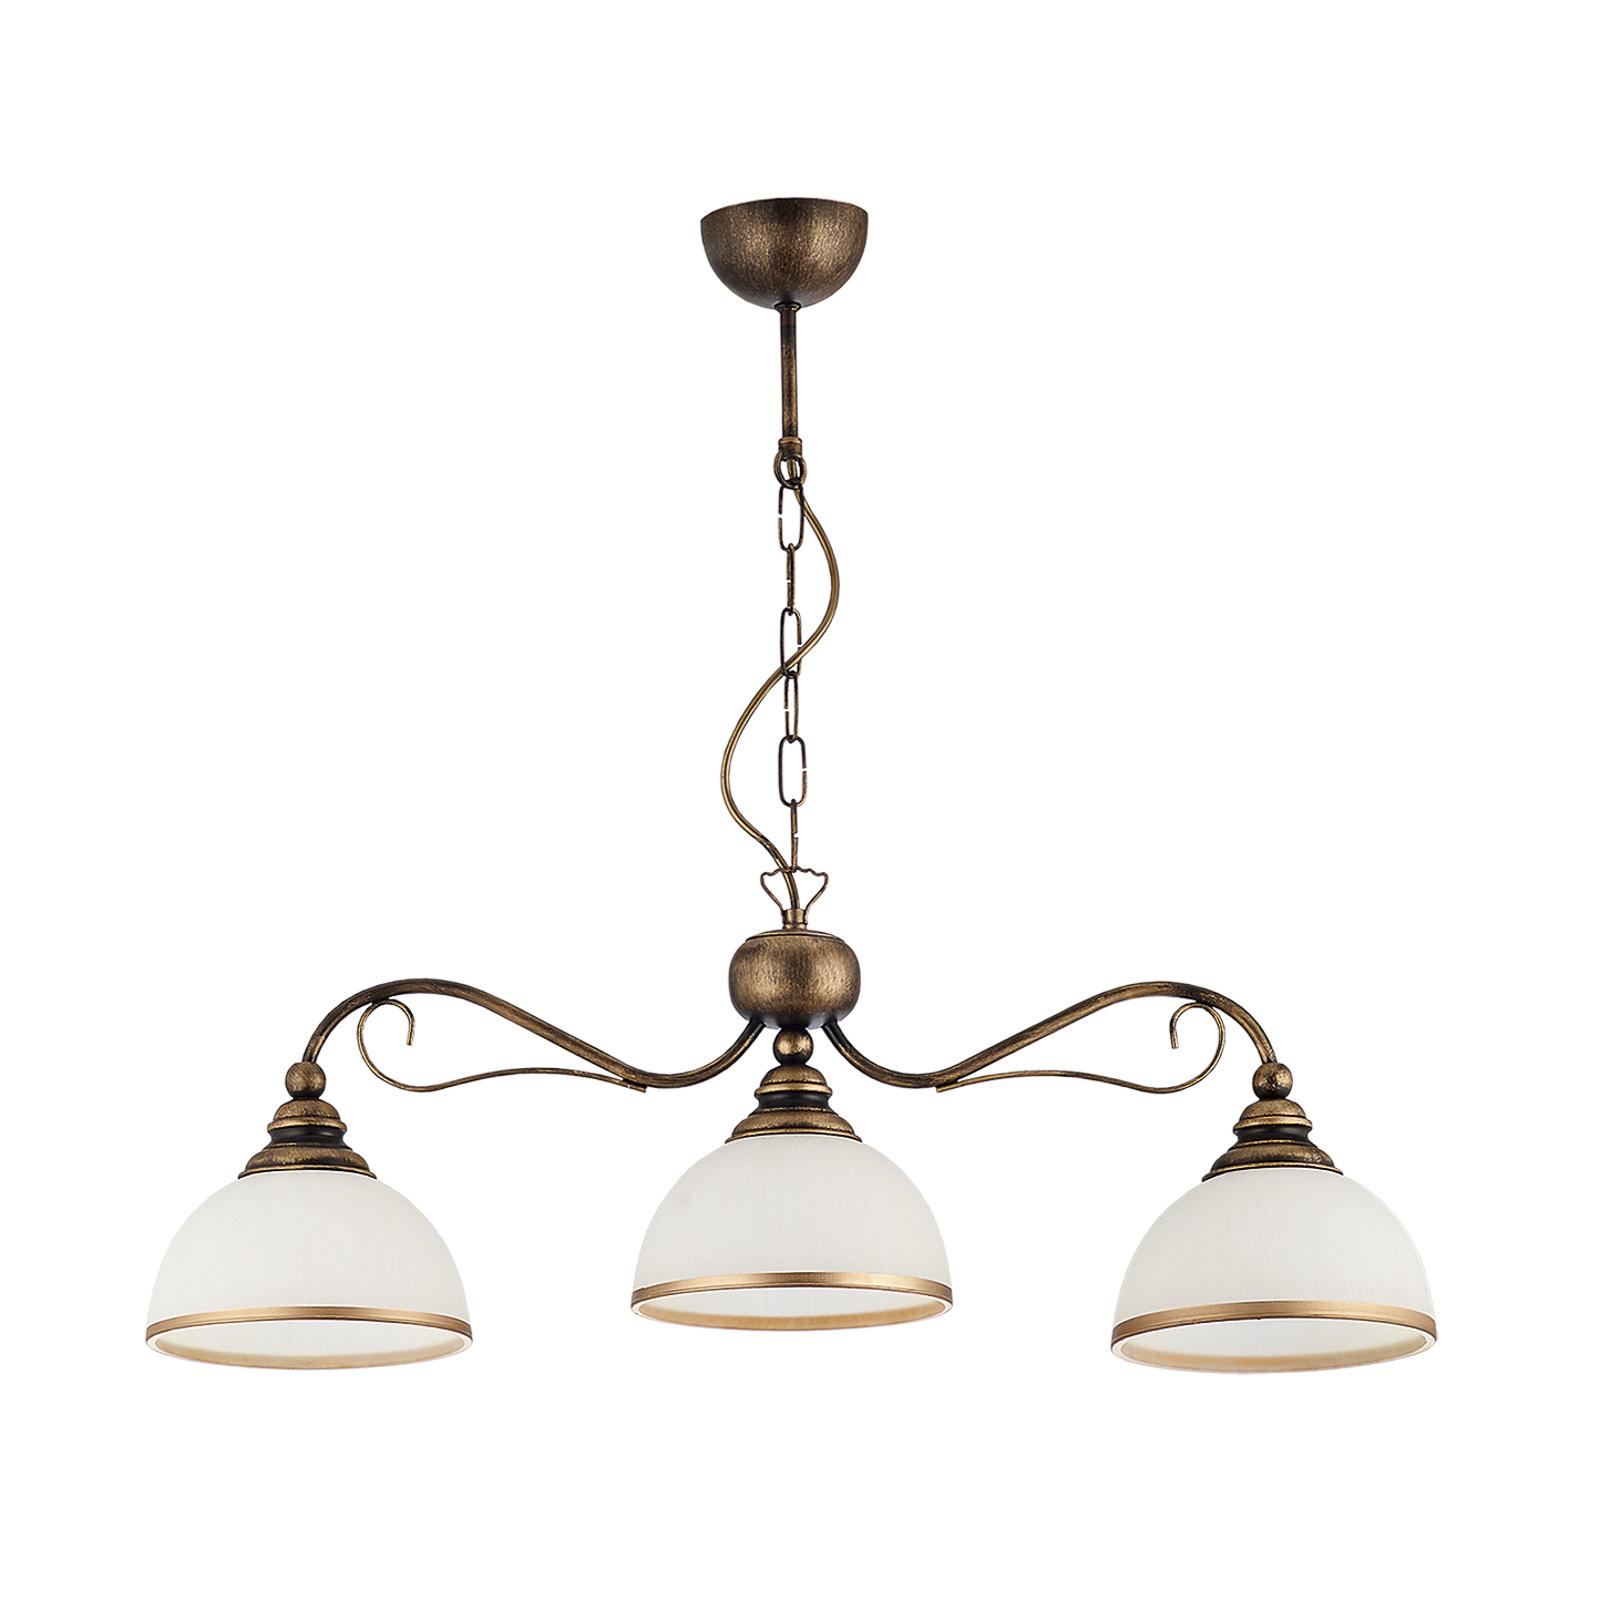 Suspension linéaire Casale à 3 lampes, long. 74cm